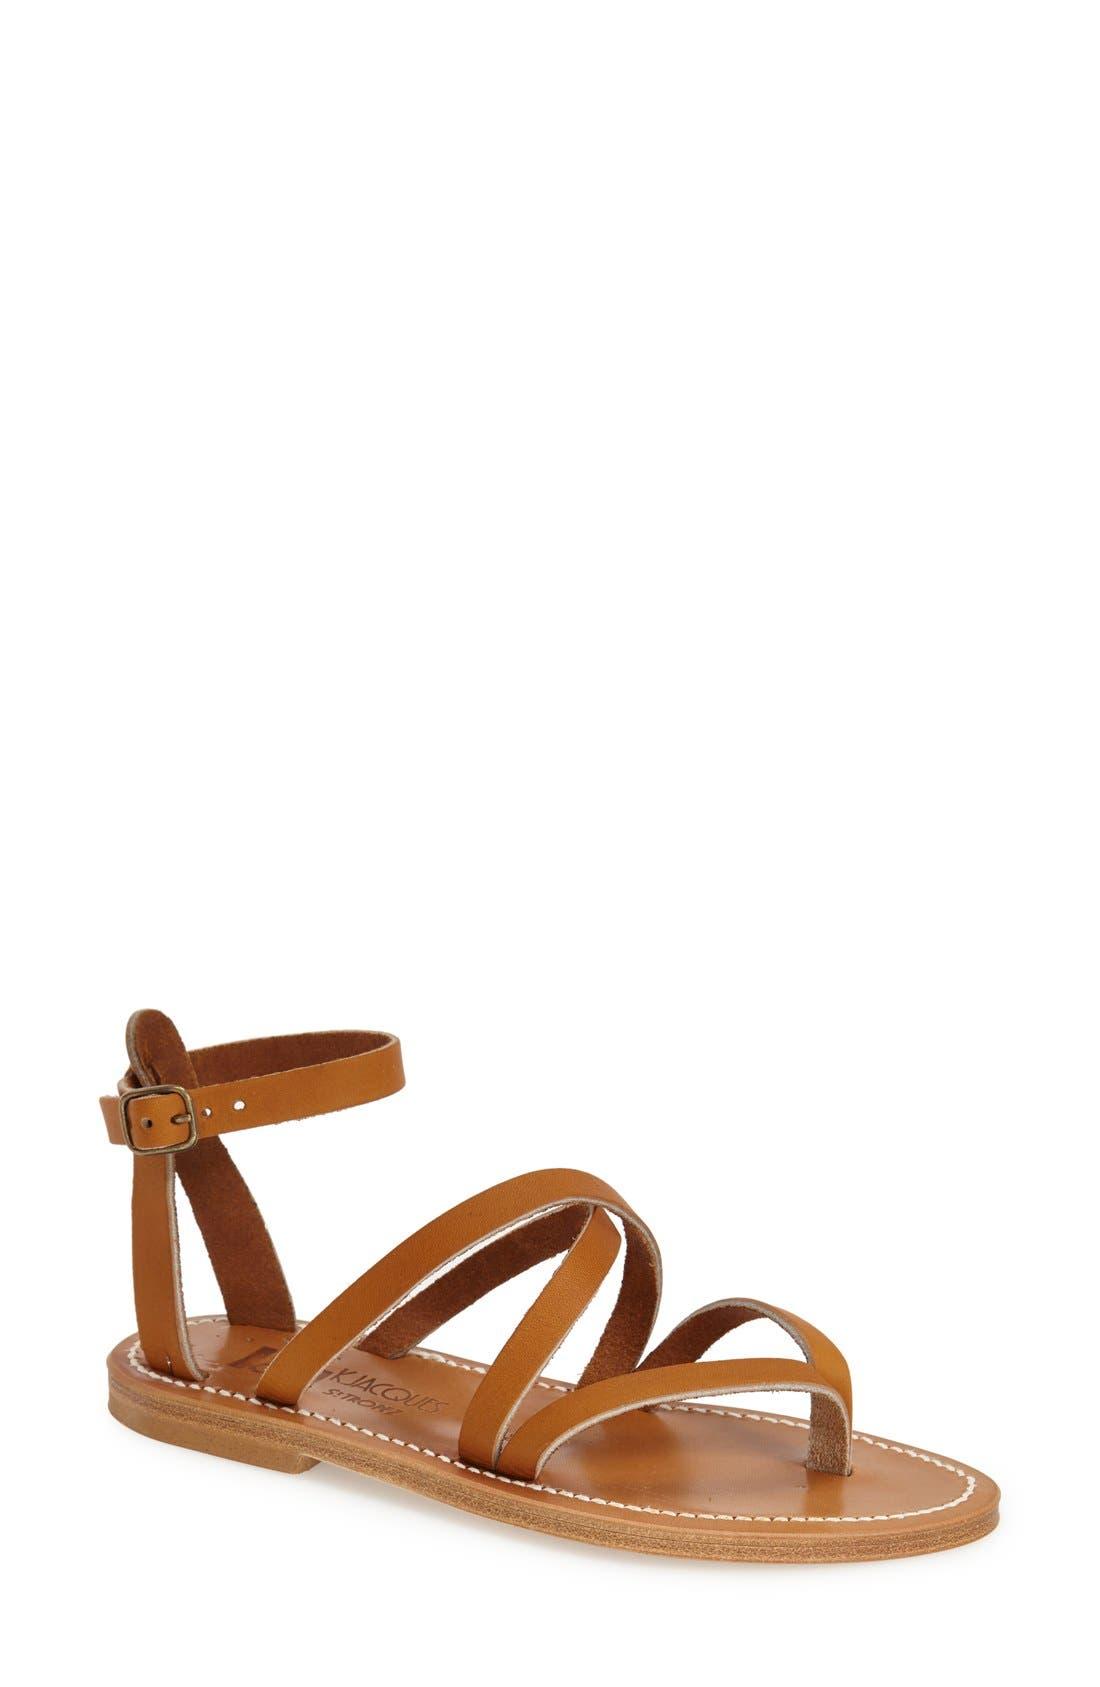 Main Image - K.Jacques St. Tropez 'Epicure' Sandal (Women)